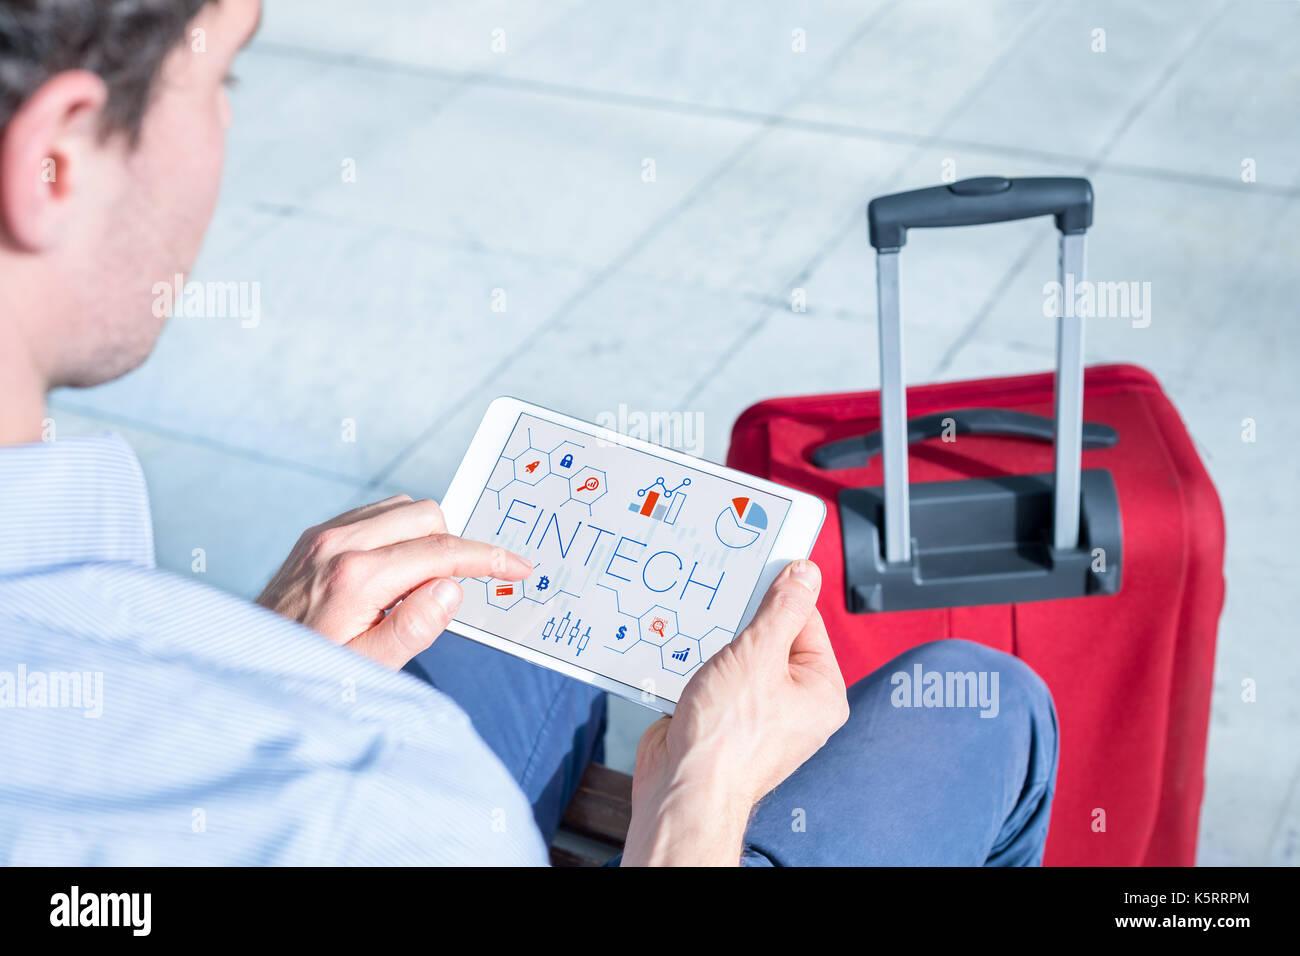 Businessman at airport en utilisant digital tablet computer avec infographie concept de classement fintech (financières) à l'écran, les voyages d'affaires Banque D'Images